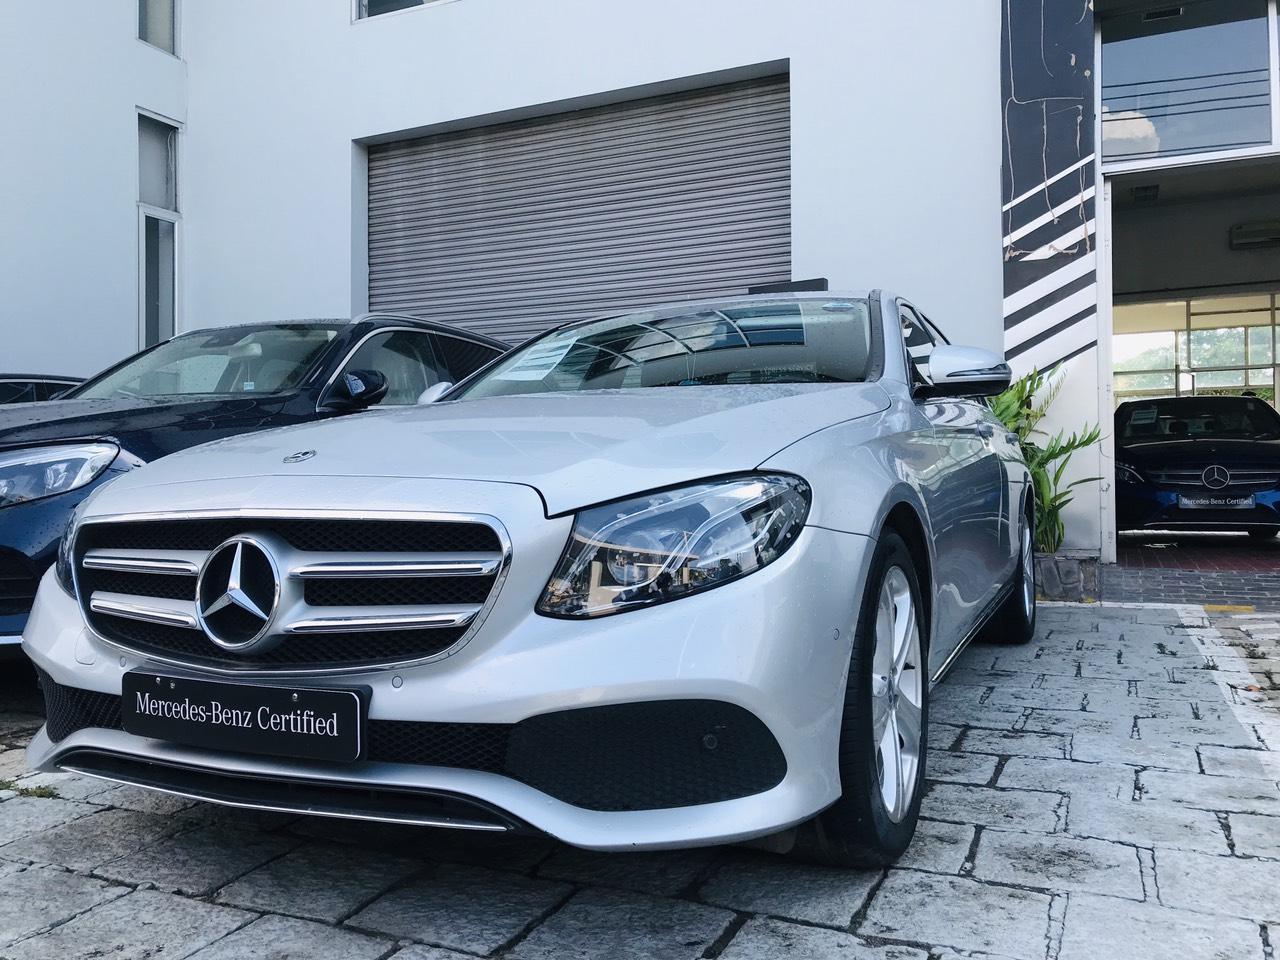 Mua bán xe ô tô Mercedes E250 cũ chính hãng giá rẻ giao ngay toàn quốc